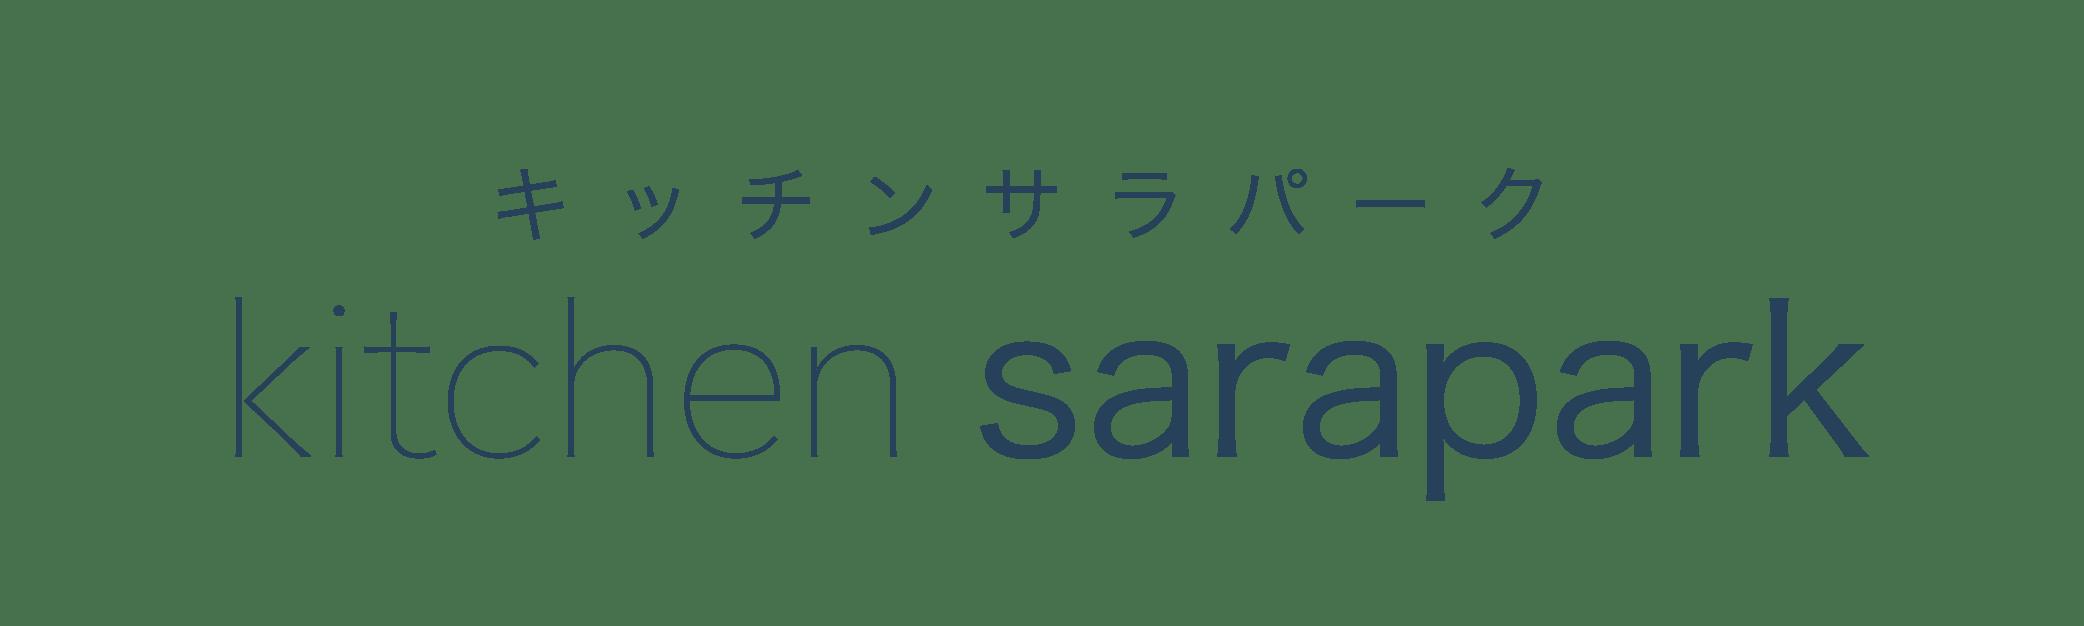 kitchen sarapark(キッチンサラパーク)